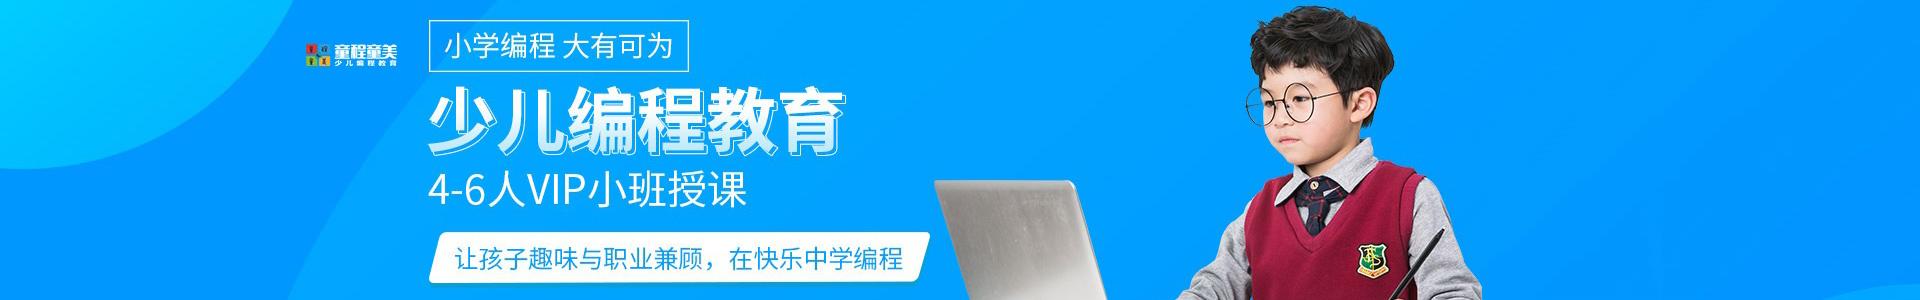 上海少兒編程培訓學校